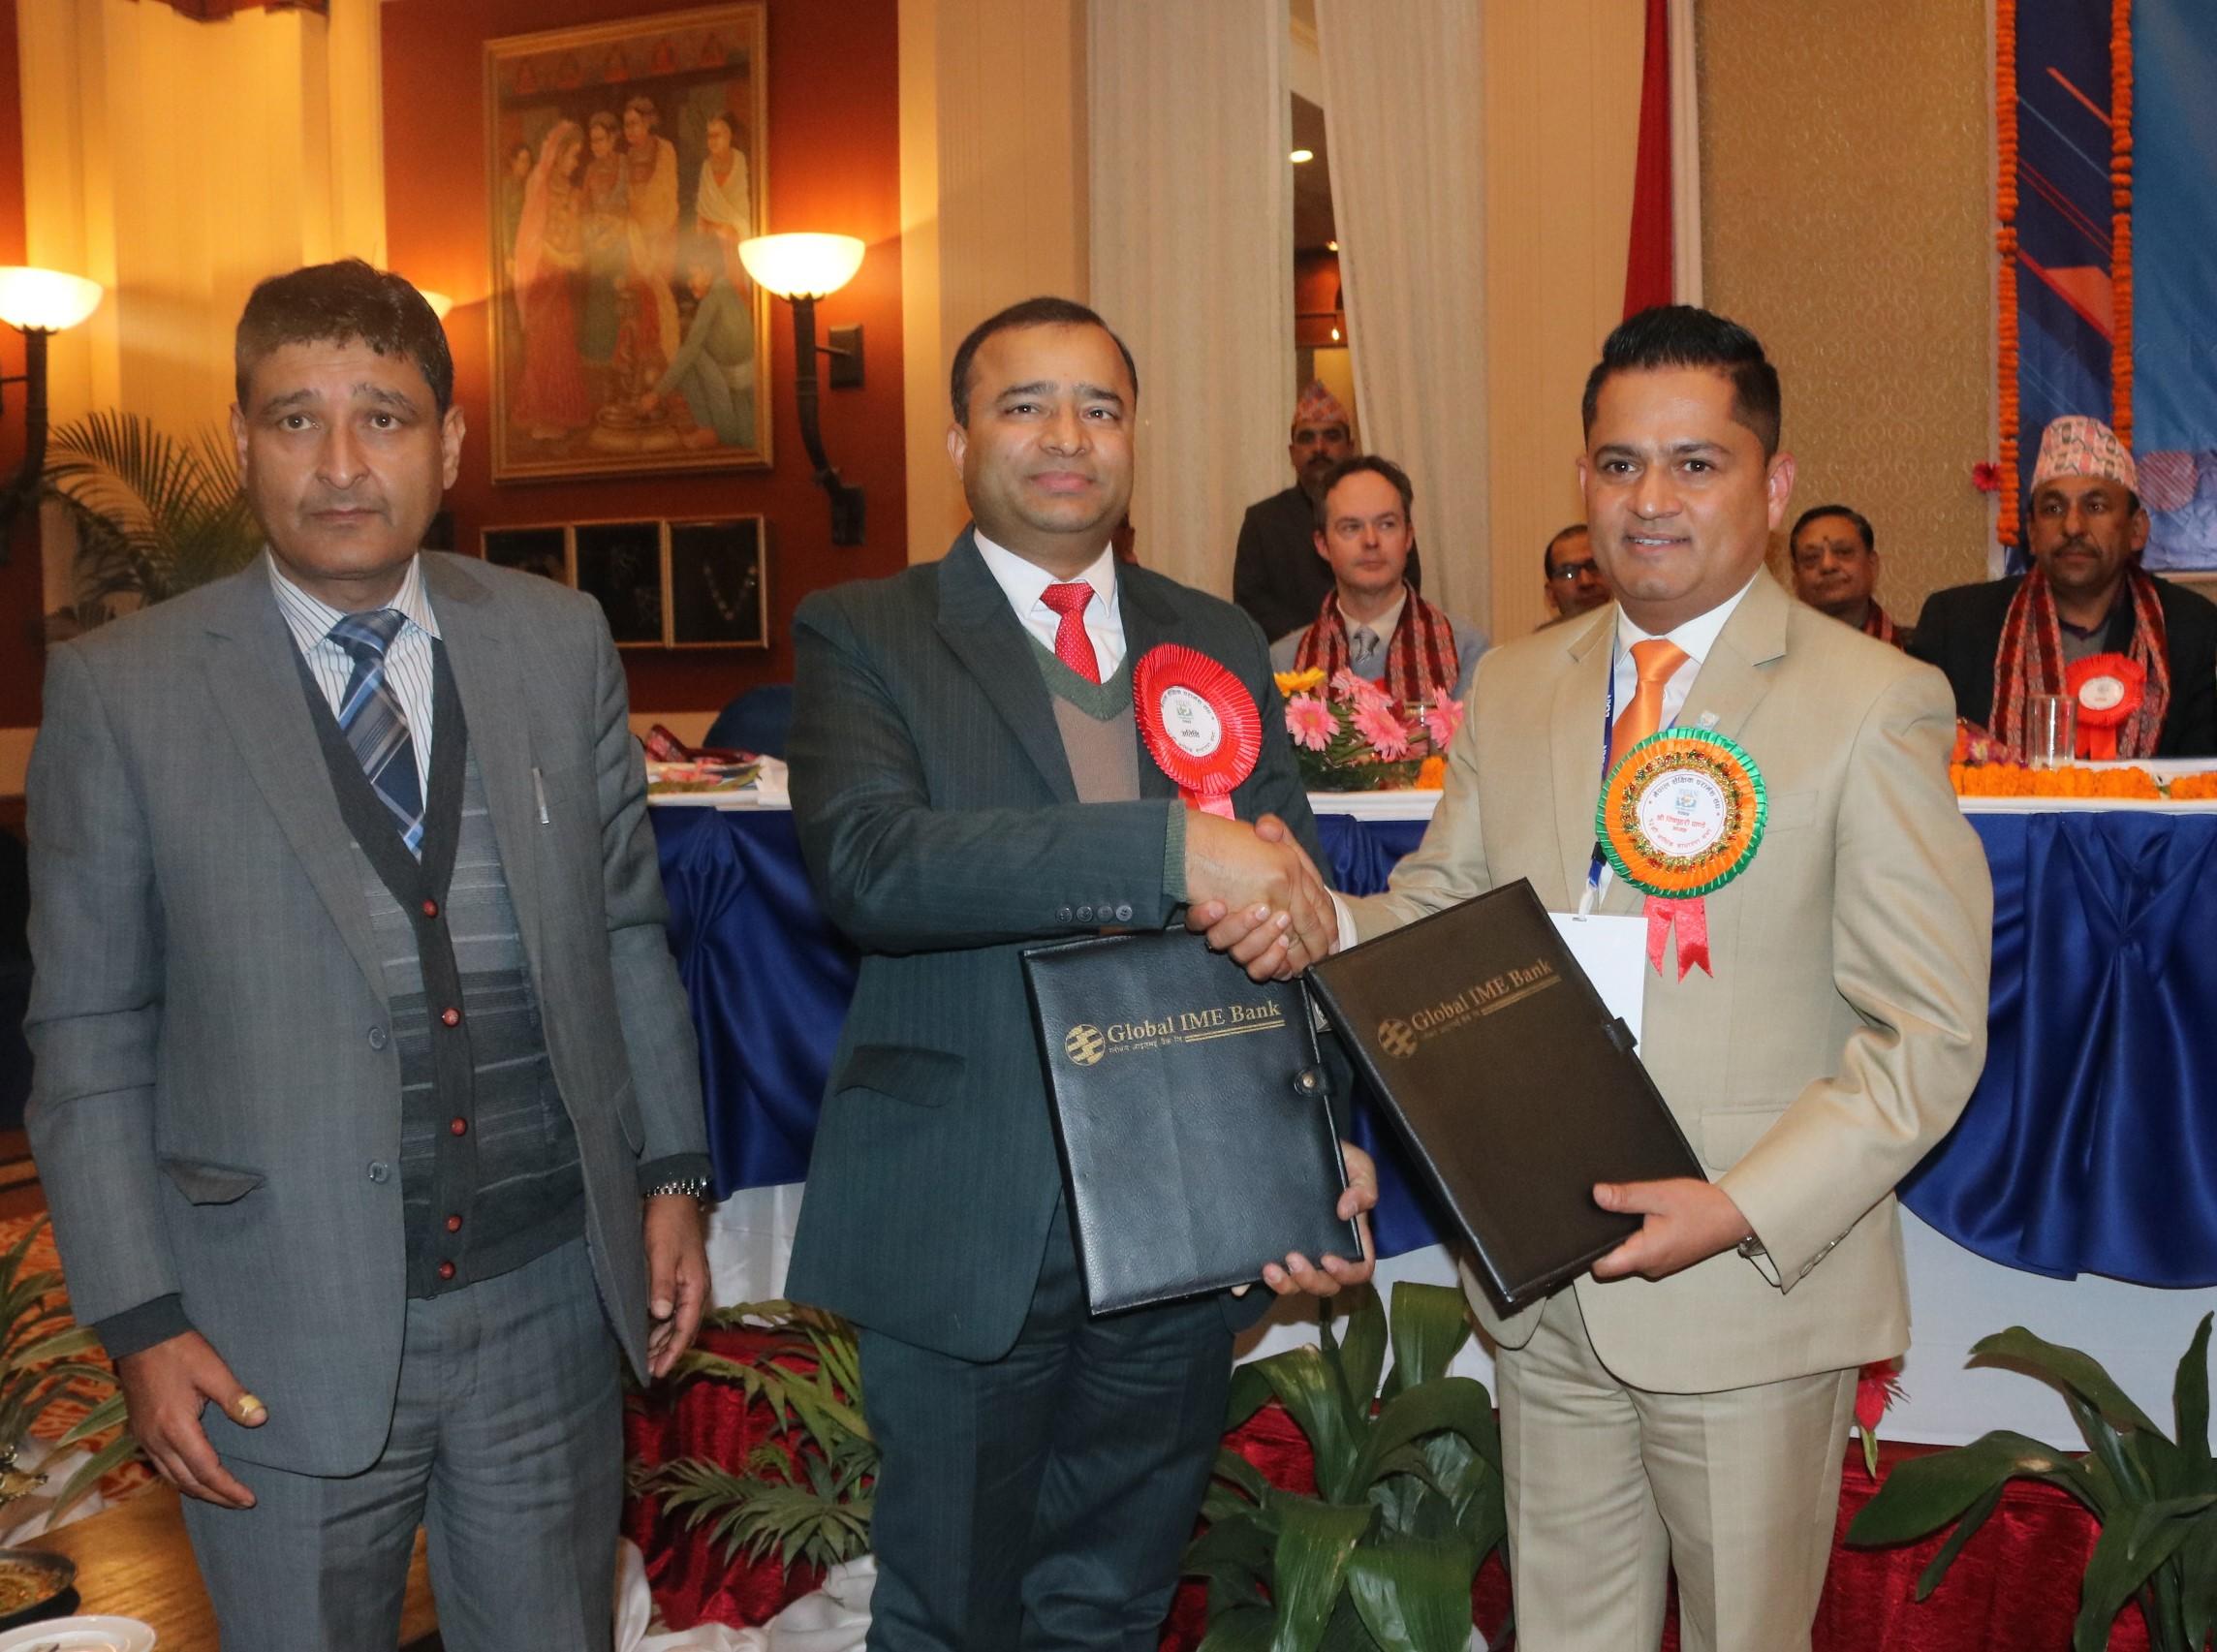 ग्लोबल आईएमई बैंक लिमिटेड नेपाल शैक्षिक परामर्श संघको आधिकारिक बैंक